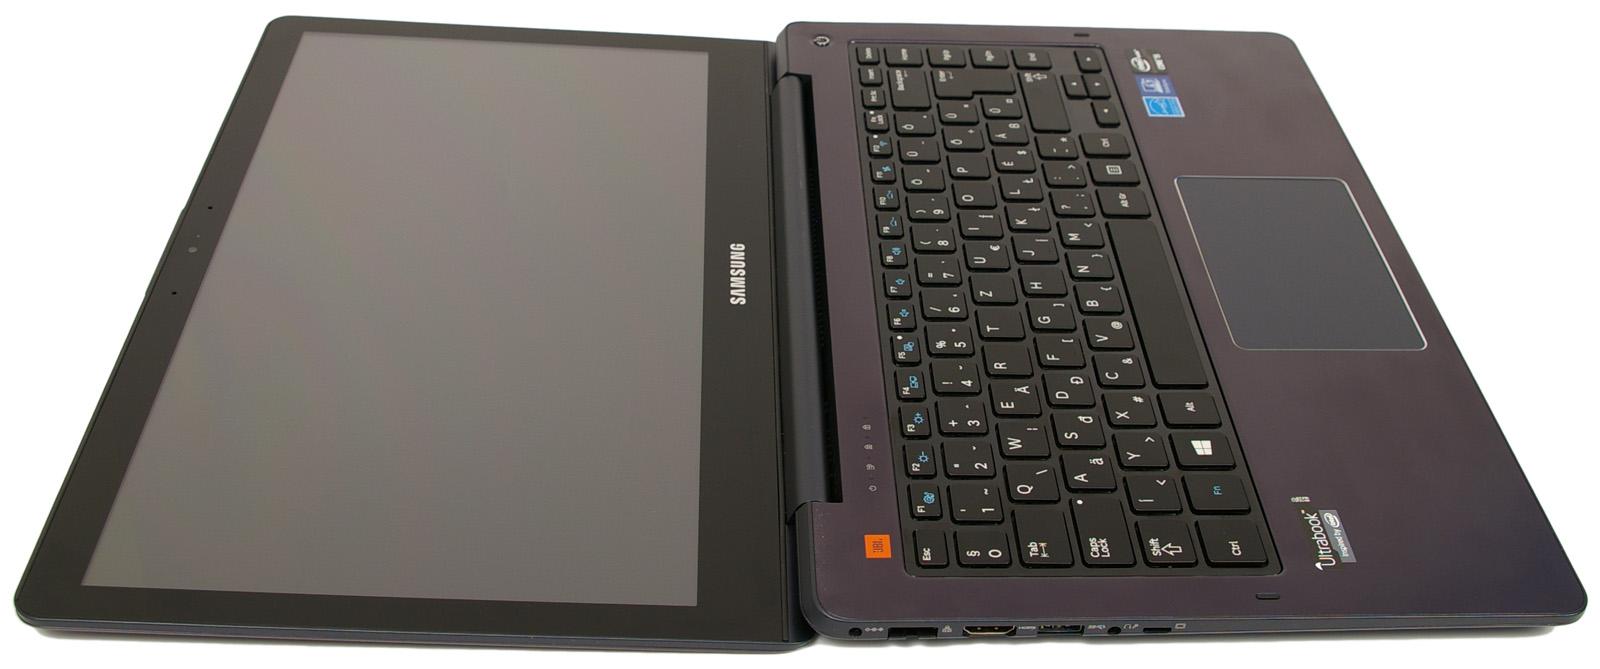 c6e914b70748 Emiatt a notebook kinyitása egy kézzel nem igazán lehetséges, ugyanakkor  kellően masszívan tartja az adott pozícióban az akár 180 fokban is nyitható  fedelet ...